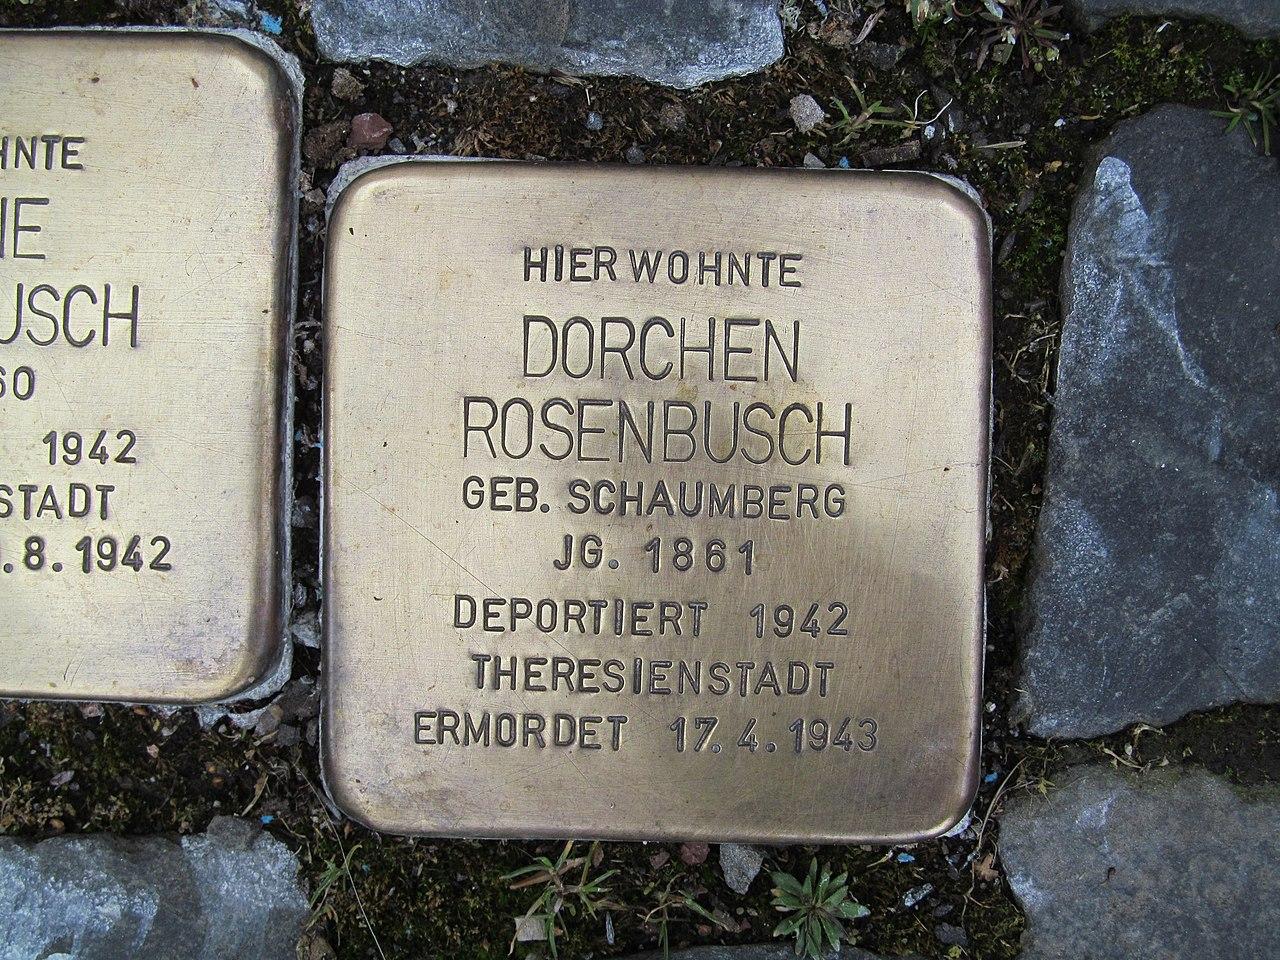 Stolperstein Dorchen Rosenbusch, 1, Marktstraße 6, Borken, Schwalm-Eder-Kreis.jpg